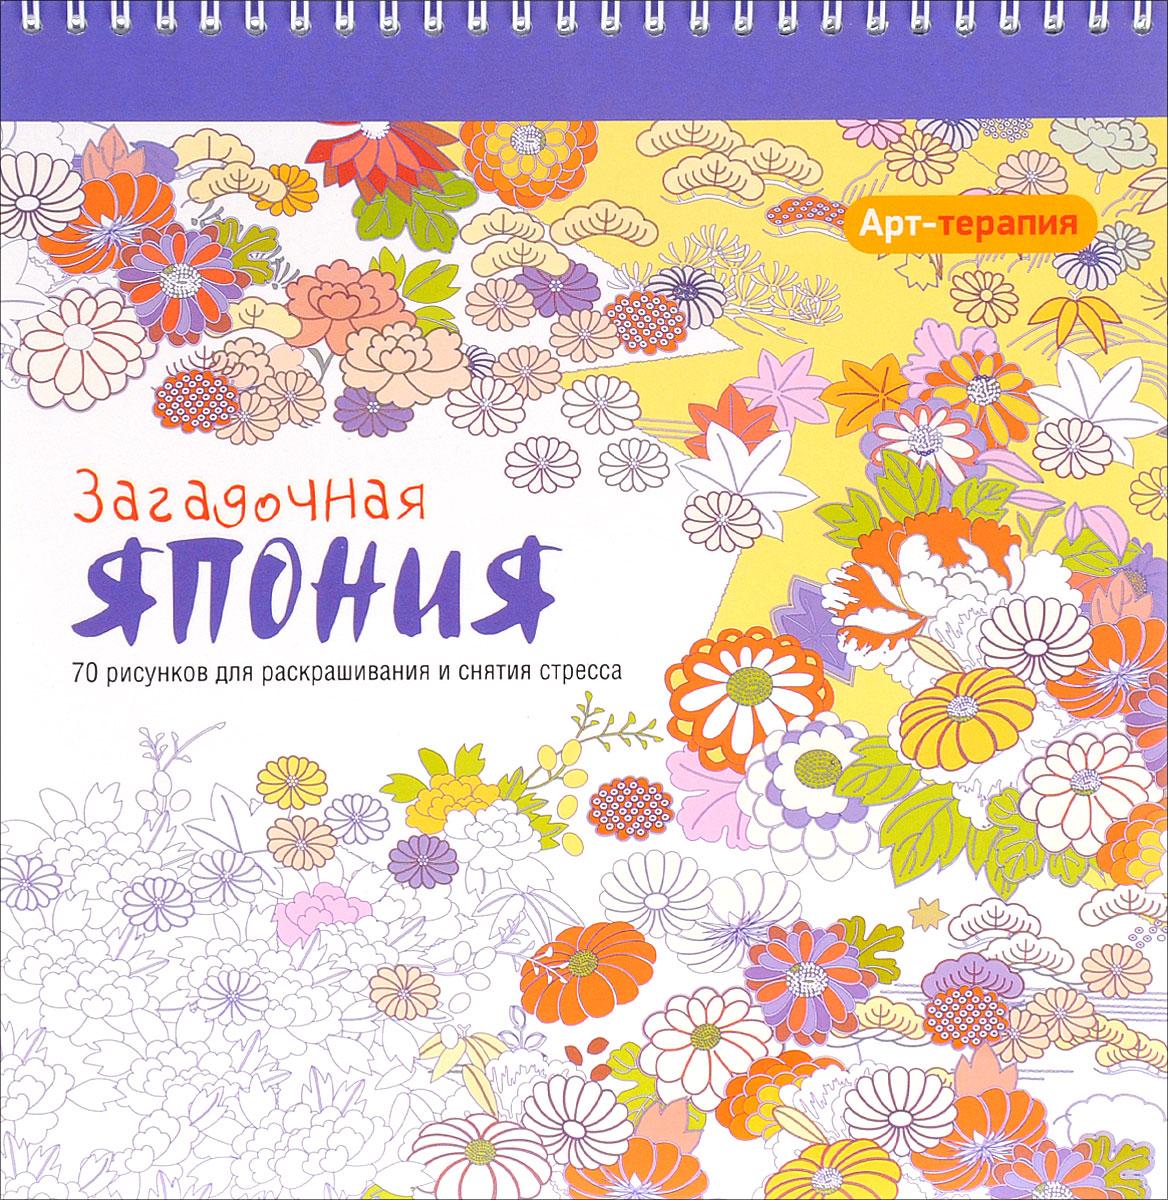 Арт-терапия. Загадочная Япония. 70 рисунков для раскрашивания и снятия стресса